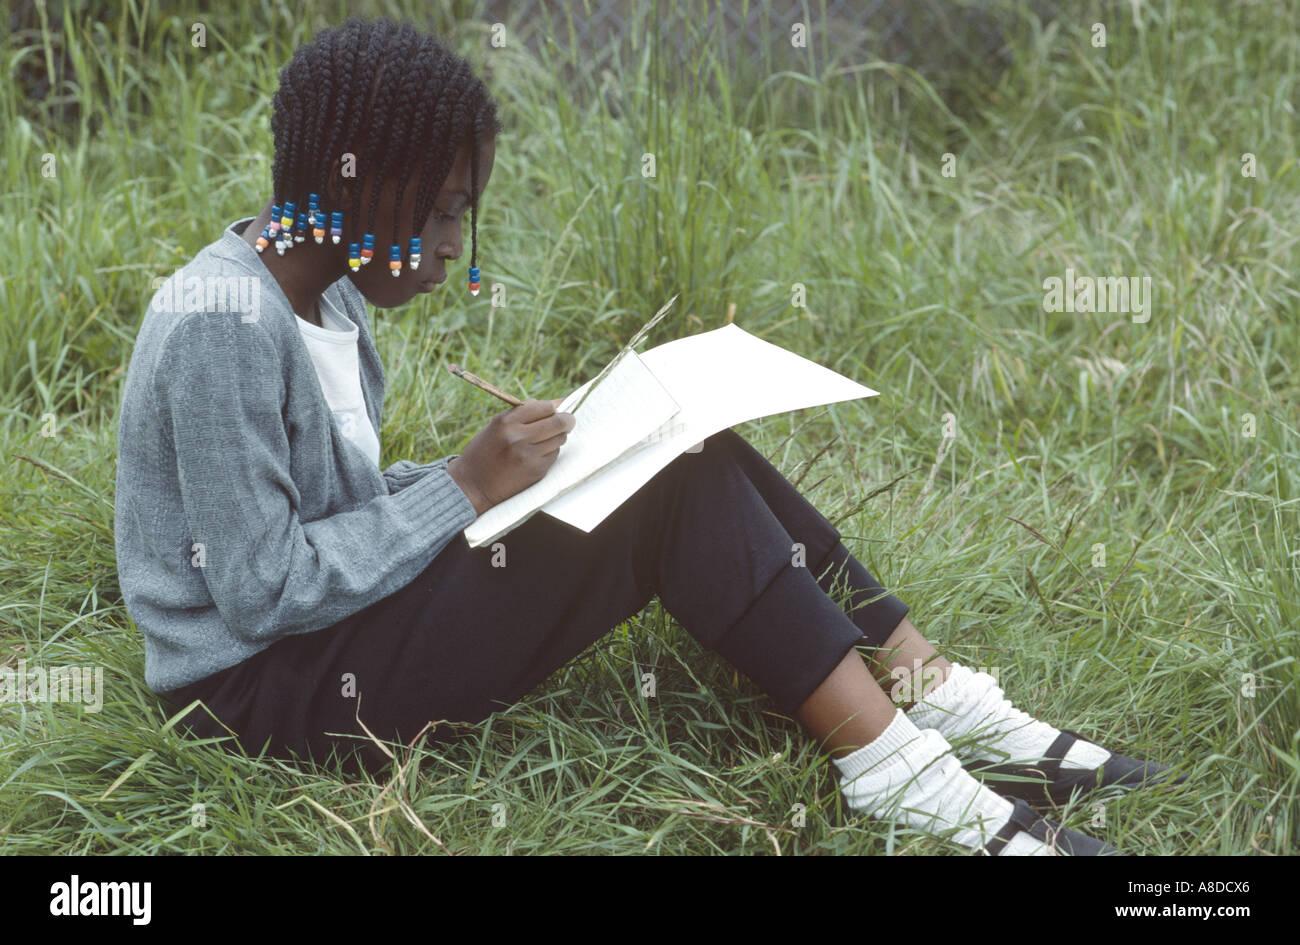 Primäre Geographie Schulausflug mit schwarzen Mädchen Schreiben von Notizen Stockbild